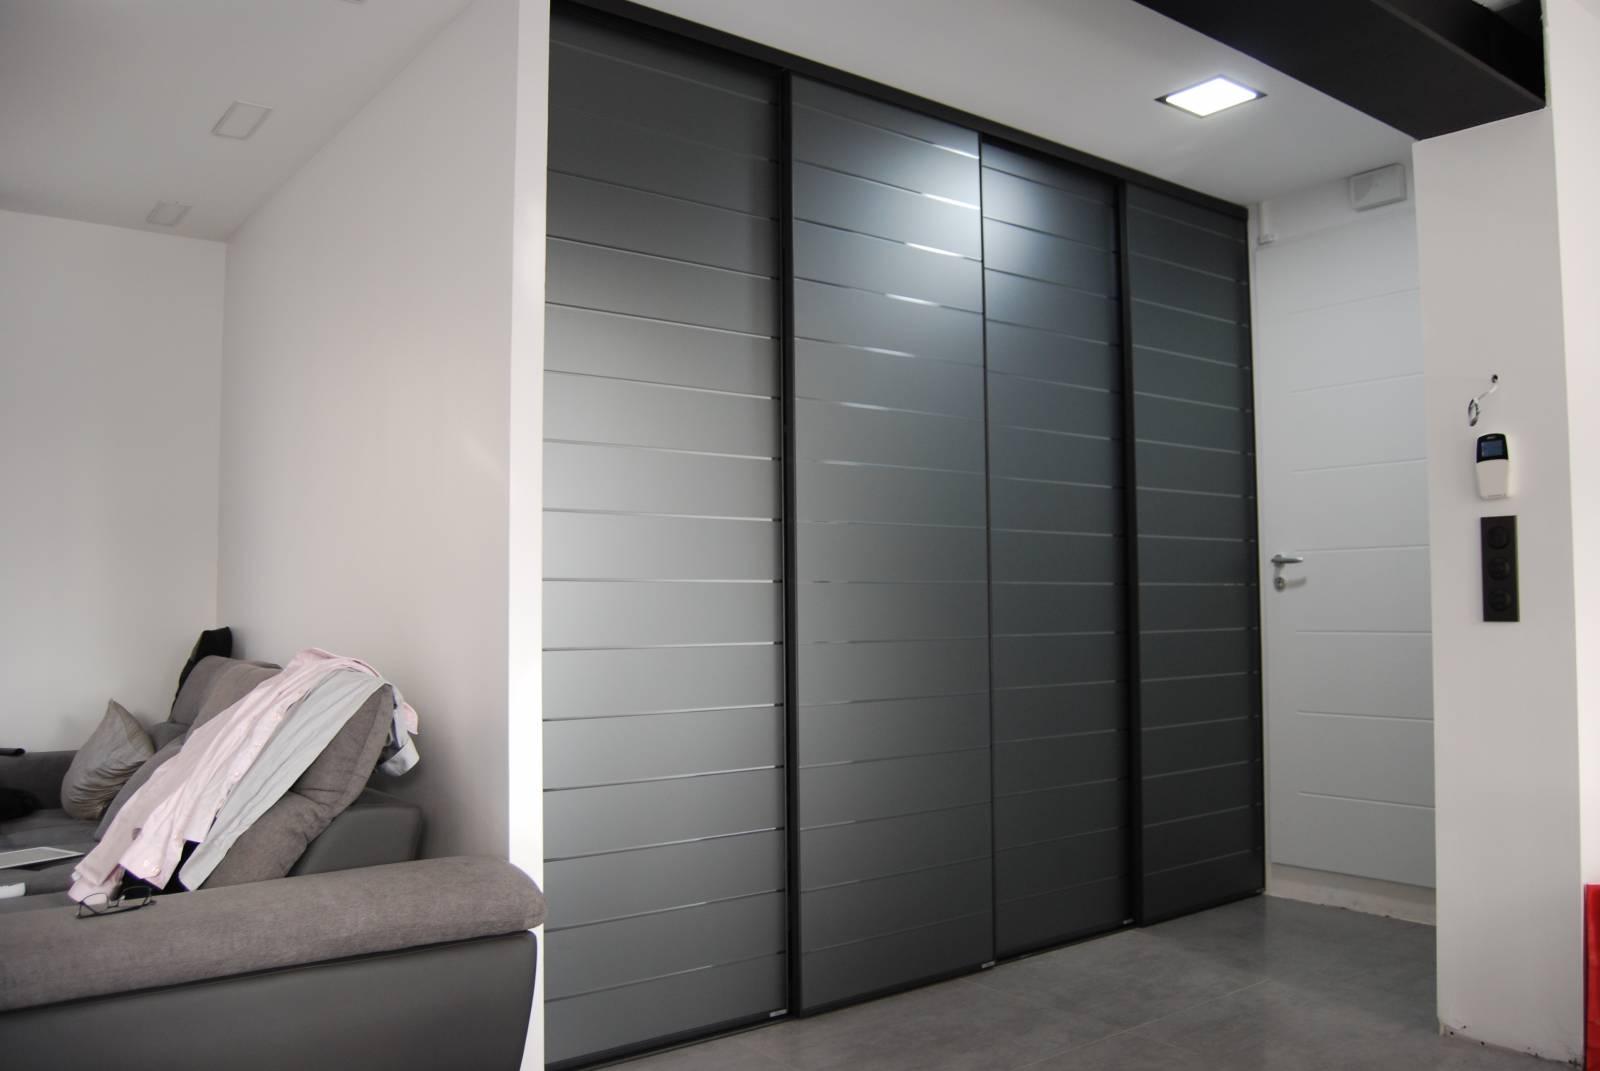 installation d 39 un placard avec portes en verre laqu cisel anthracite montferrier sur lez. Black Bedroom Furniture Sets. Home Design Ideas